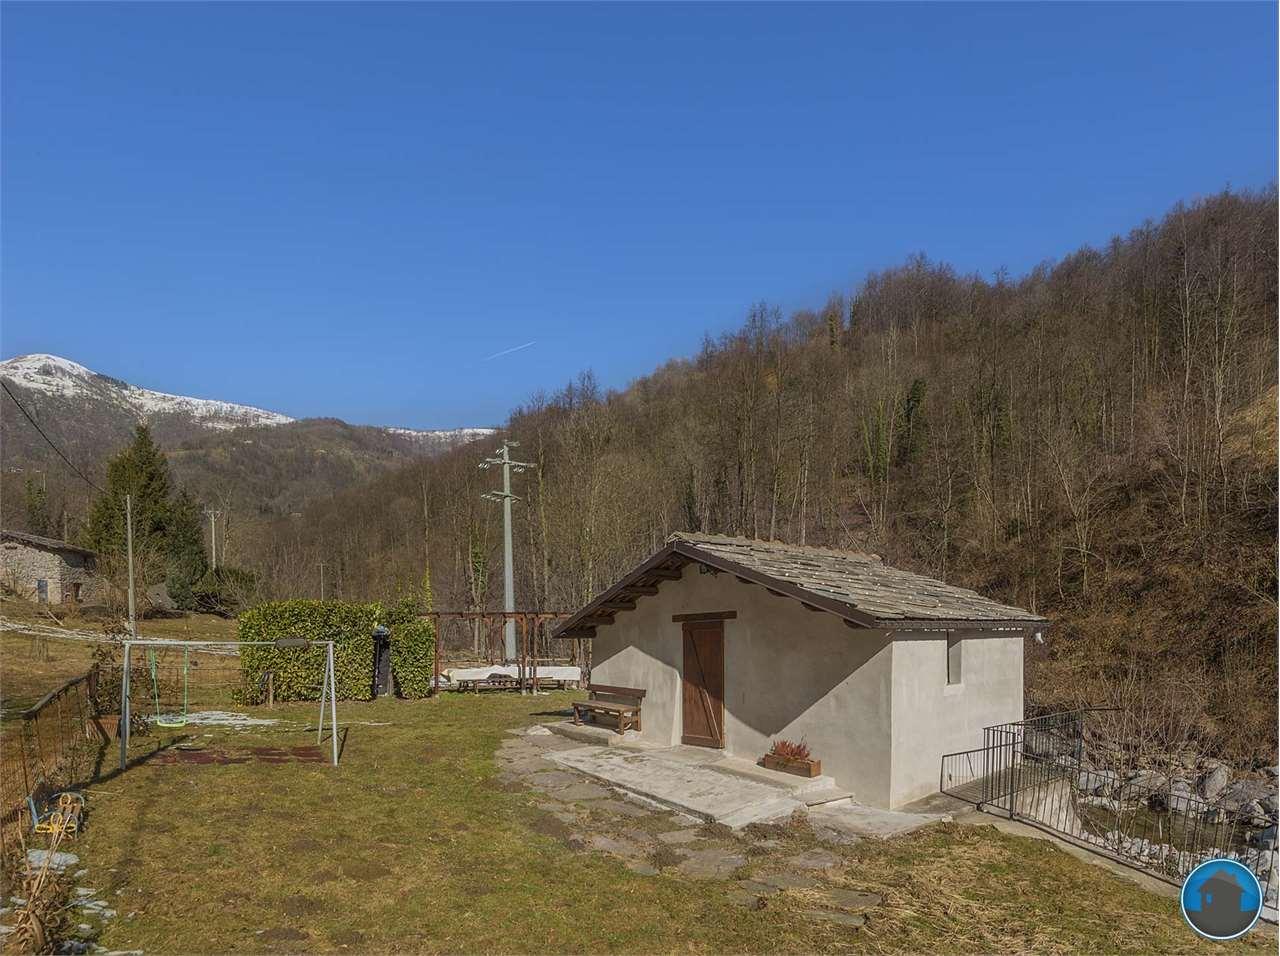 Vendita Baita/Chalet/Trullo Casa/Villa Angrogna Chiot L'Aiga  231879